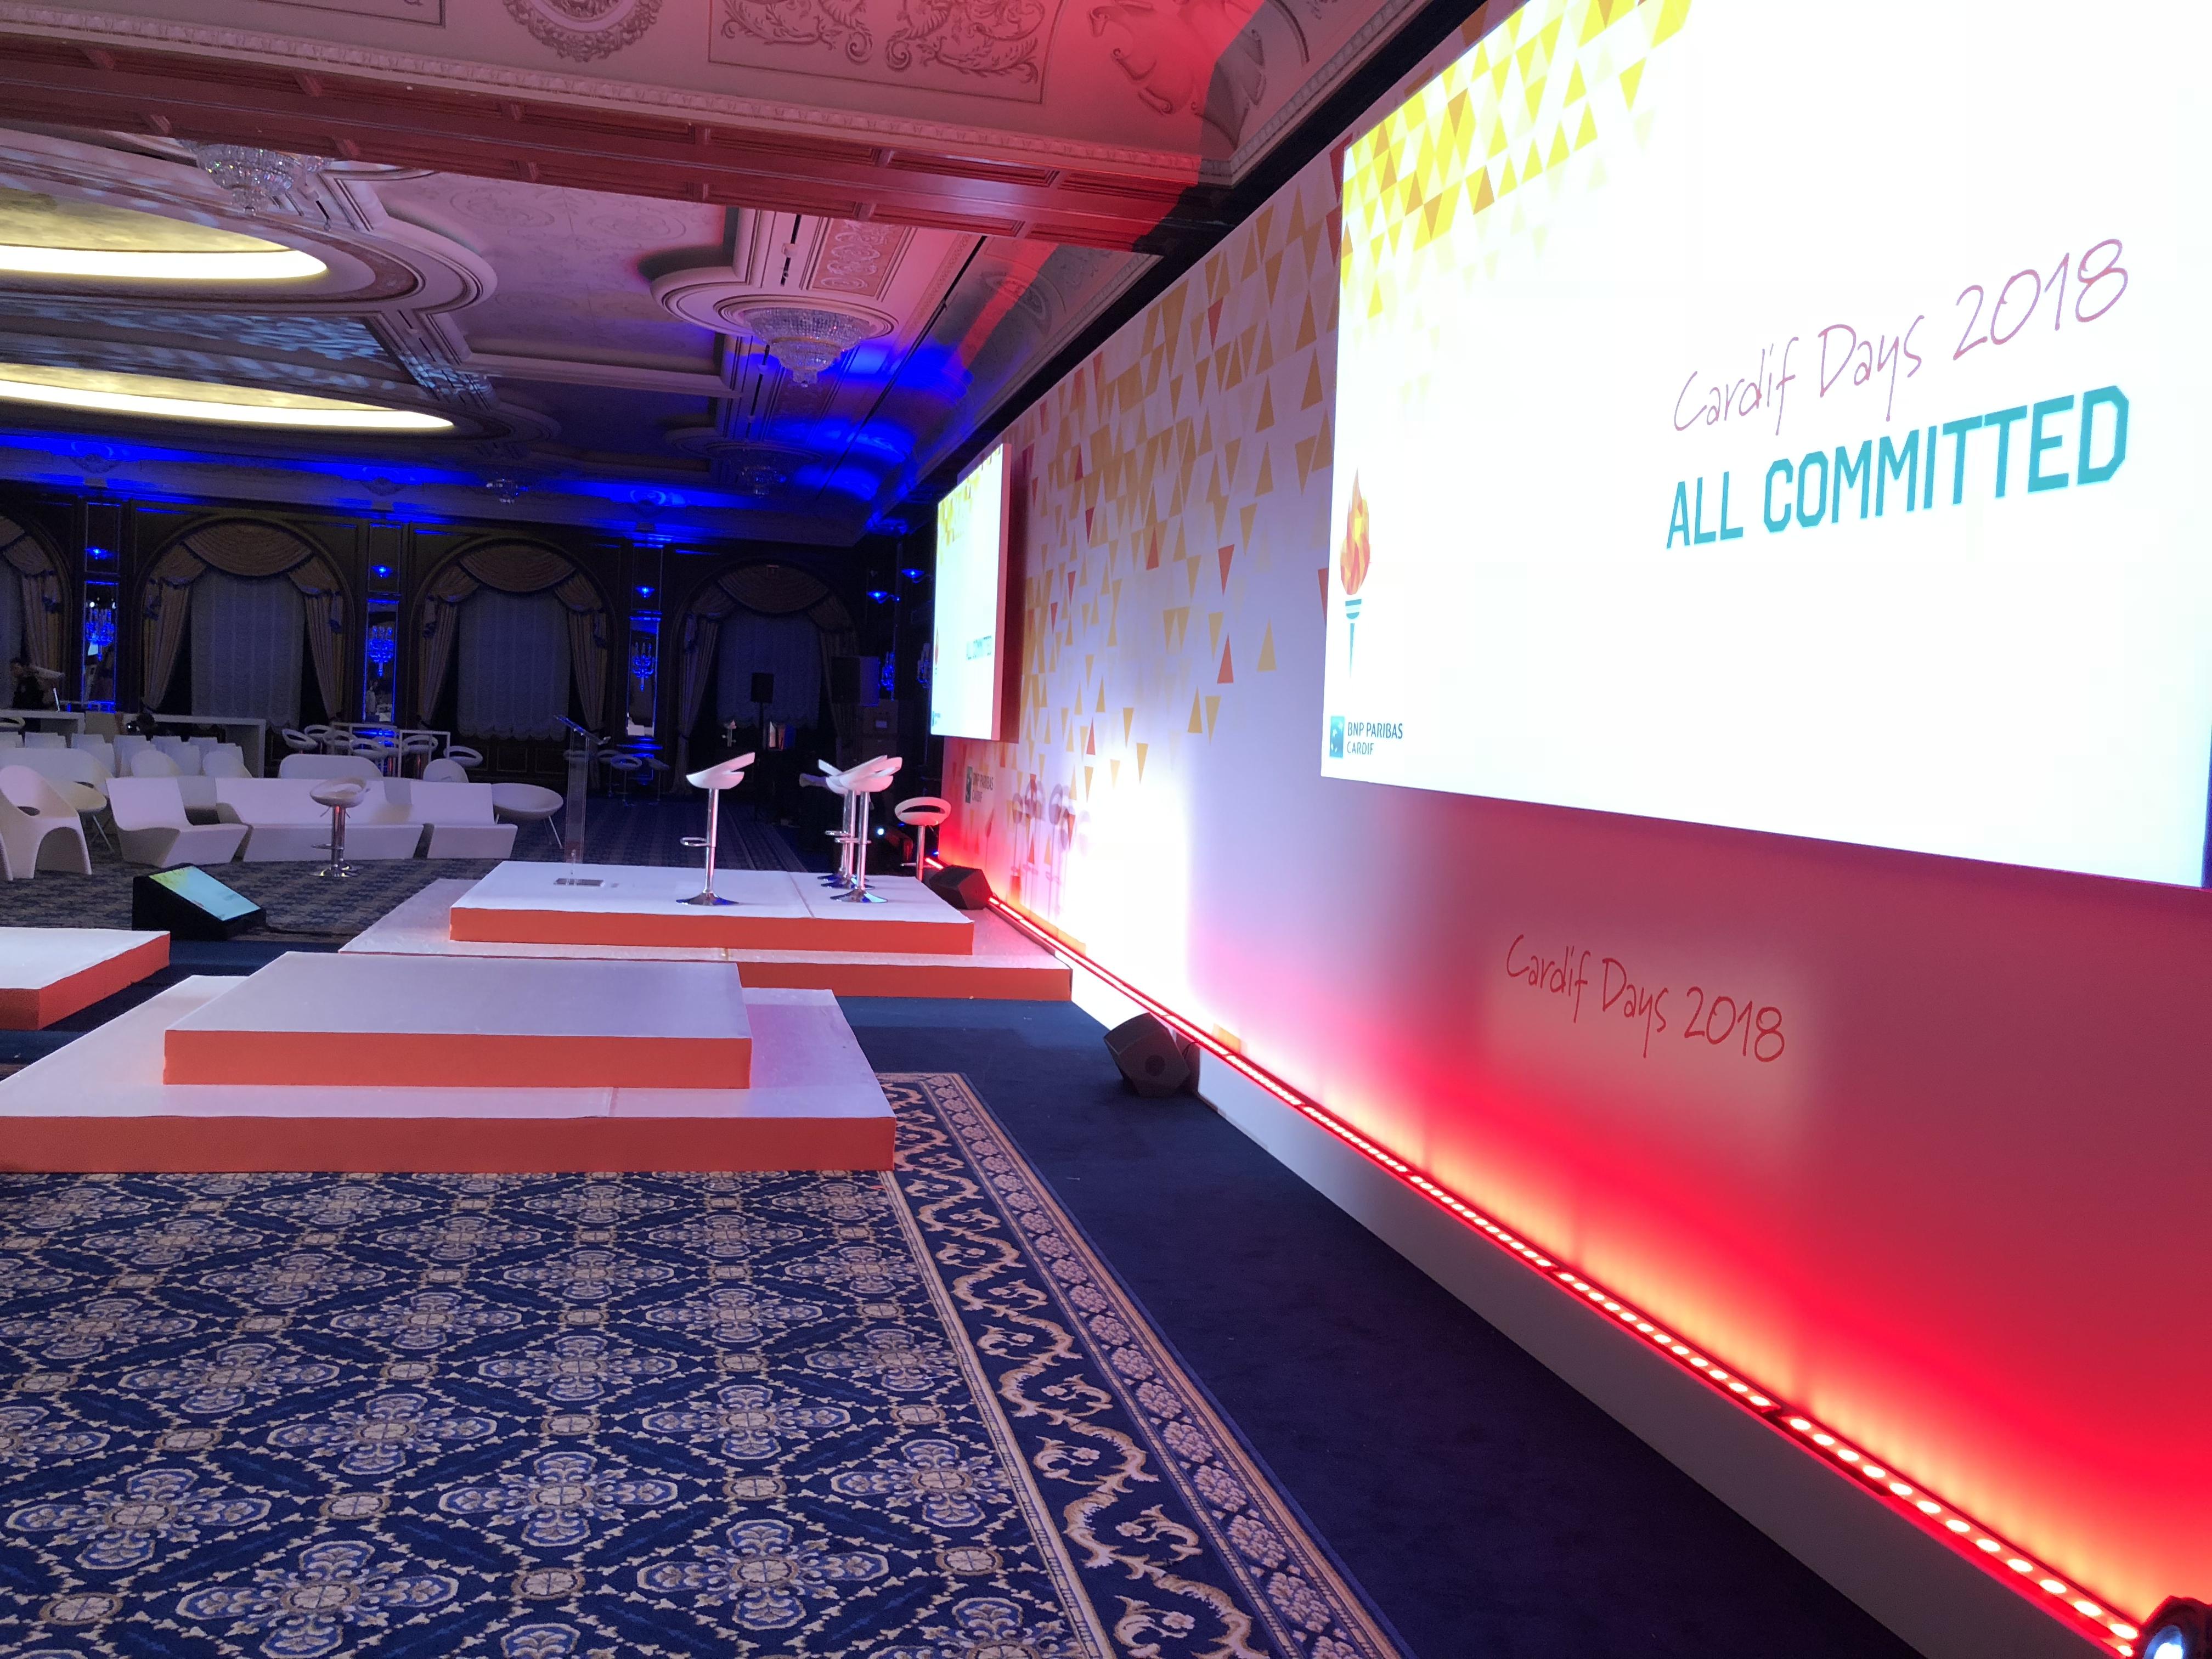 aucop-event-italie-twobevents-lac majeur-son-video-deco-scene-ecrans-audiovisuel-eclairage-ecrans-grand hotel dino-bnp paribas